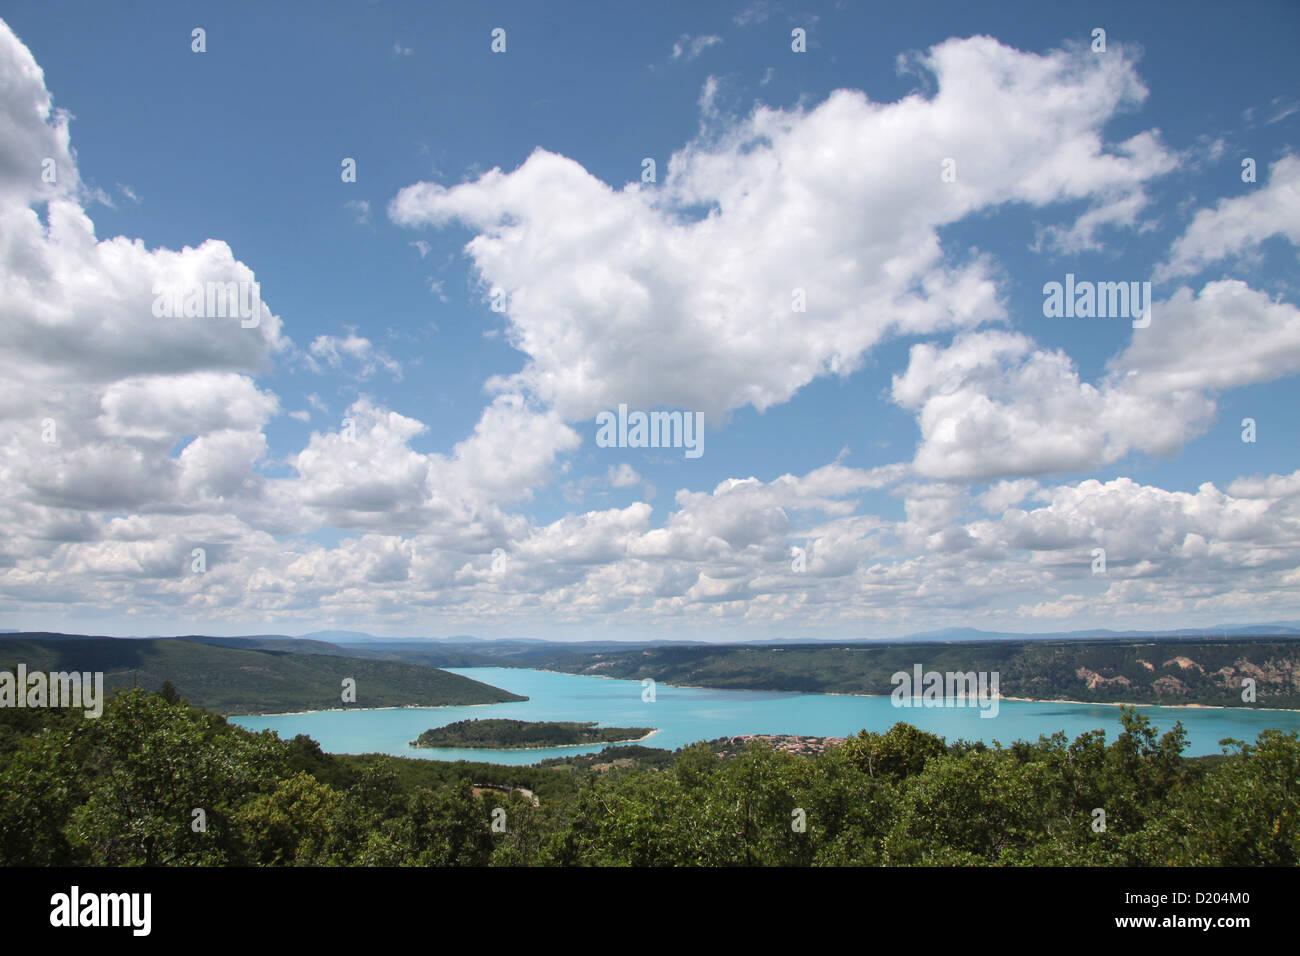 The reservoir Lac de Sainte-Croix at Aiguines in Provence, France Stock Photo